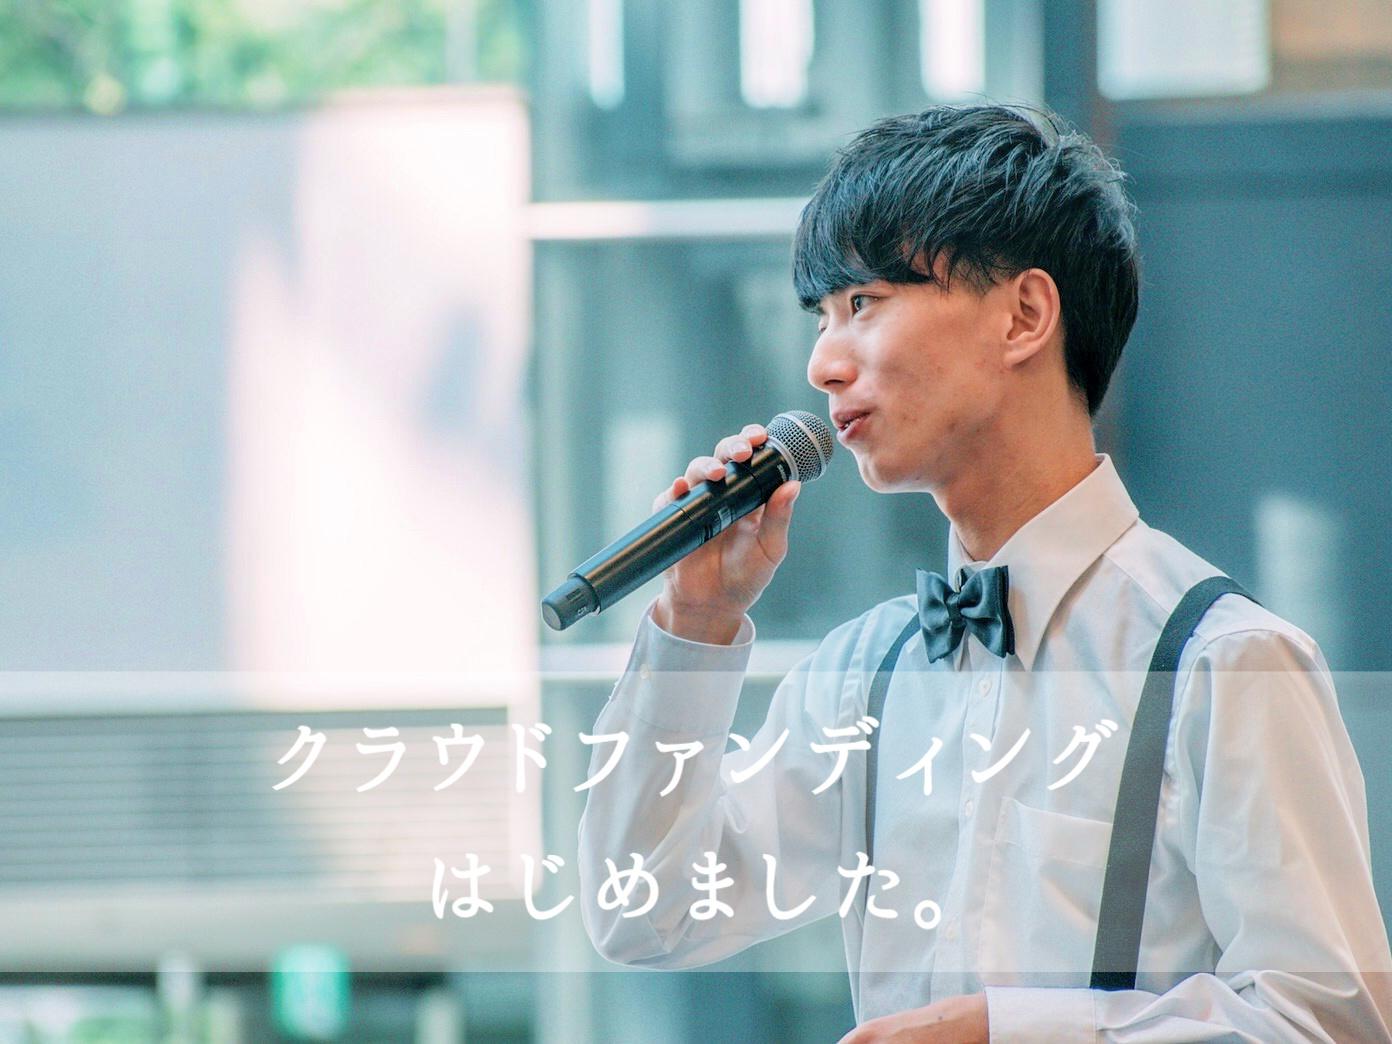 【たいせー/Taisei Toda】初めての音源&MV制作記念!プロモーションキャンペーン!